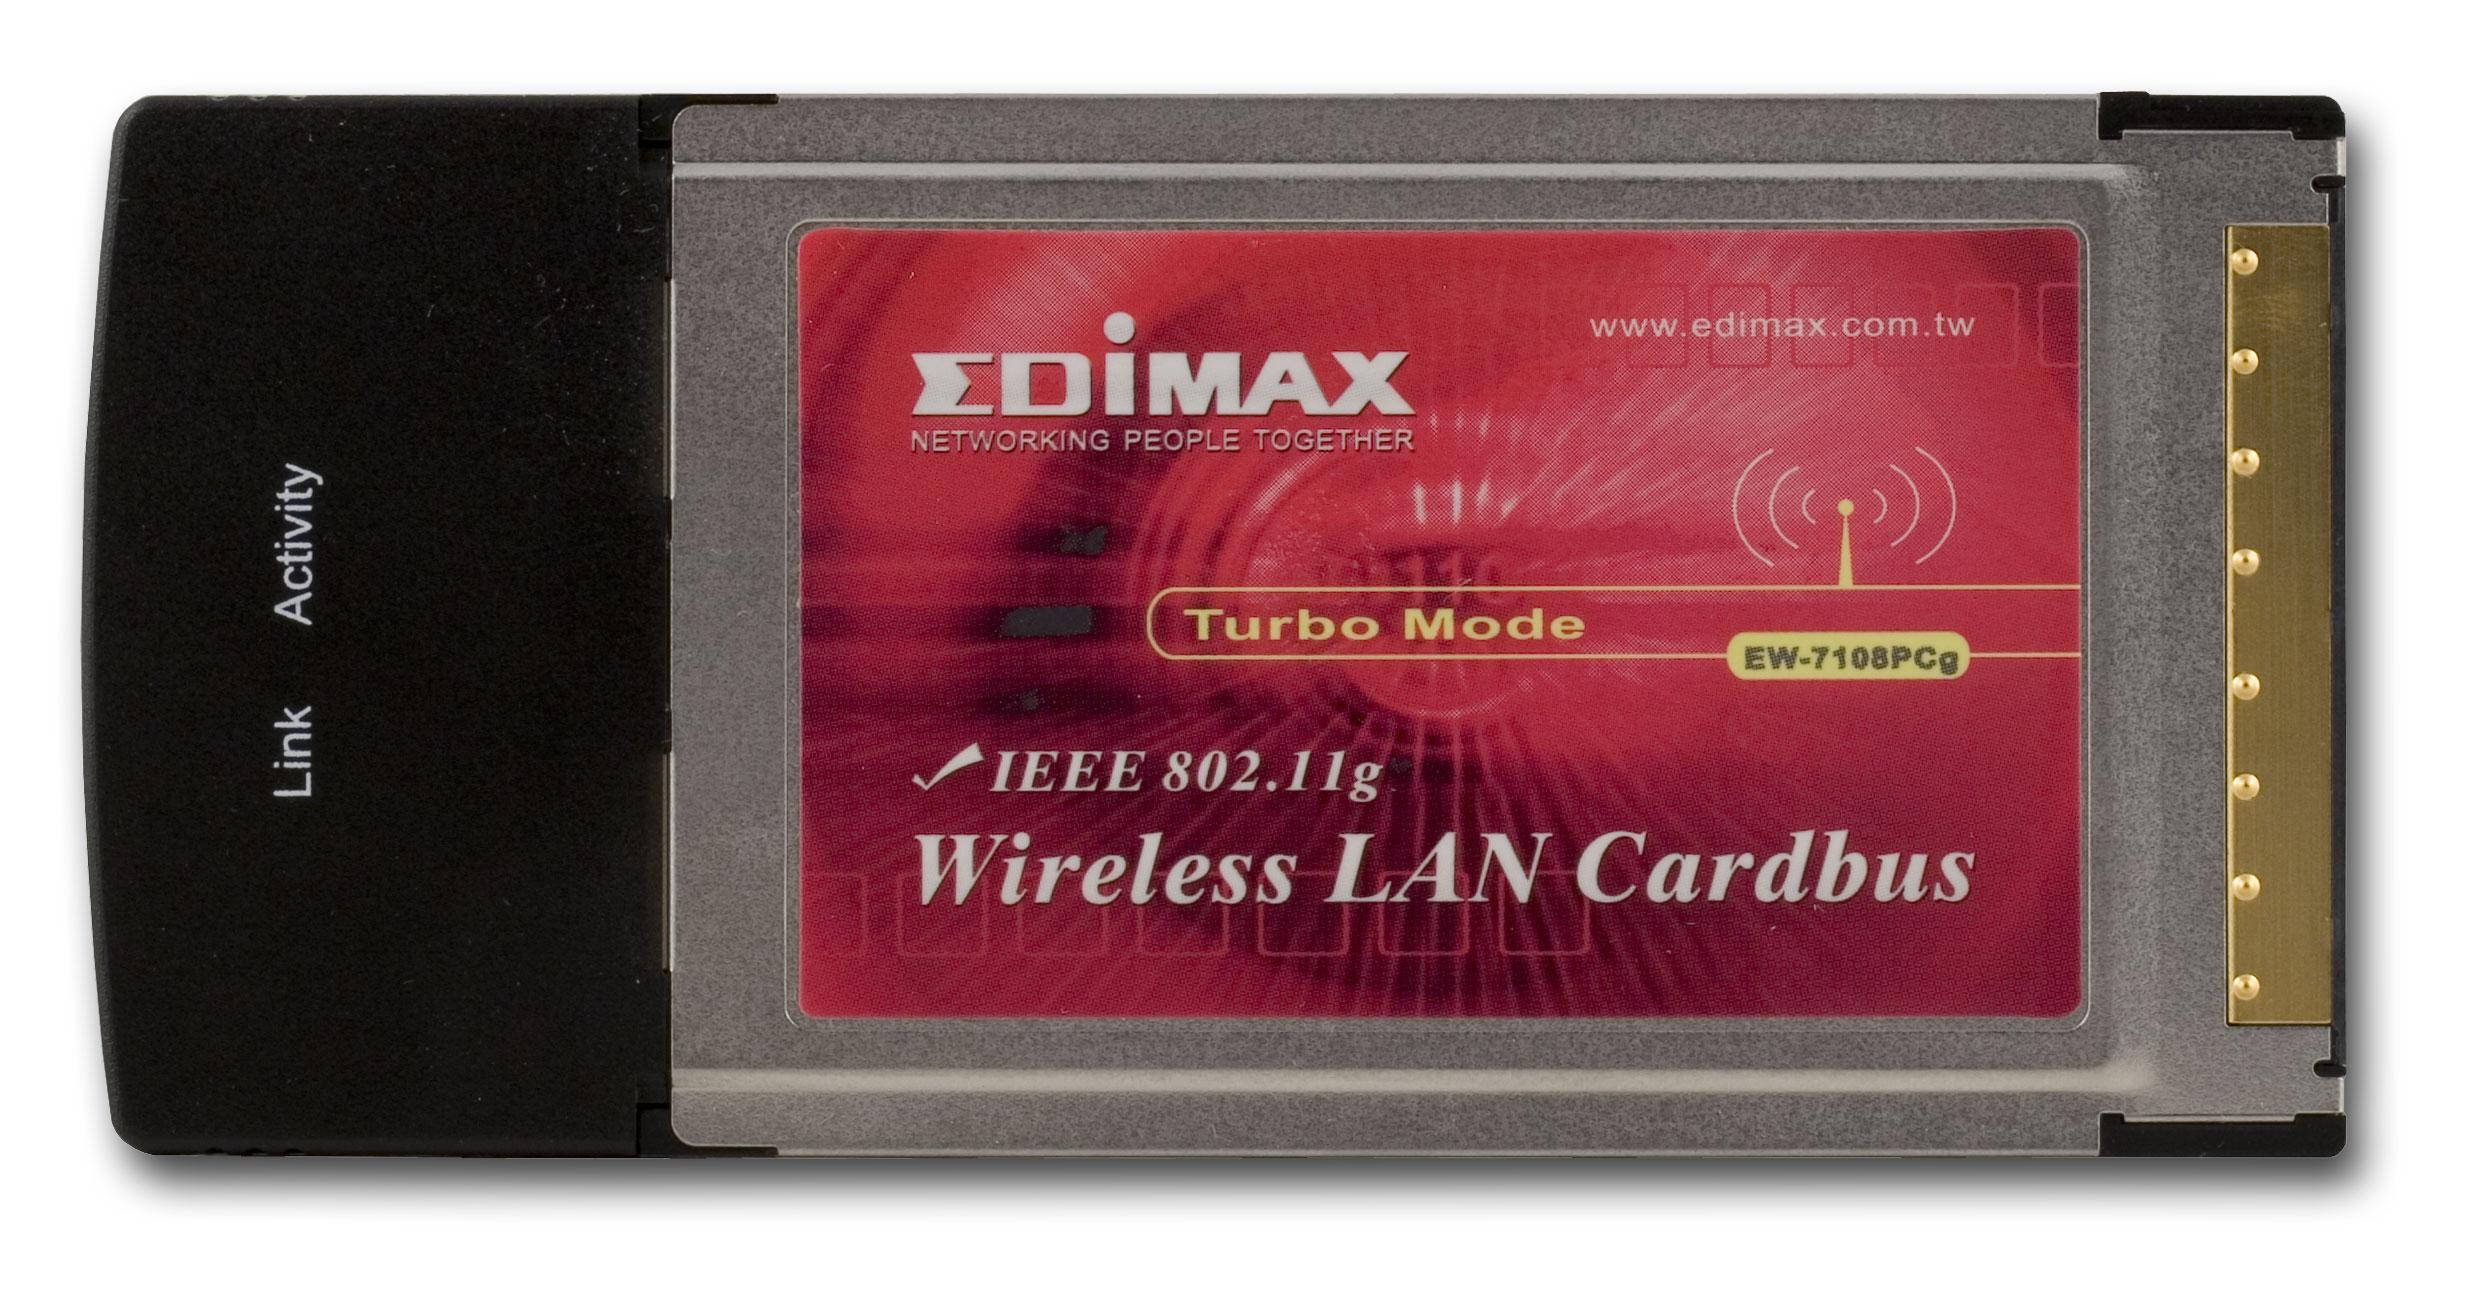 EDIMAX EW-7108PCG WLAN DOWNLOAD DRIVER